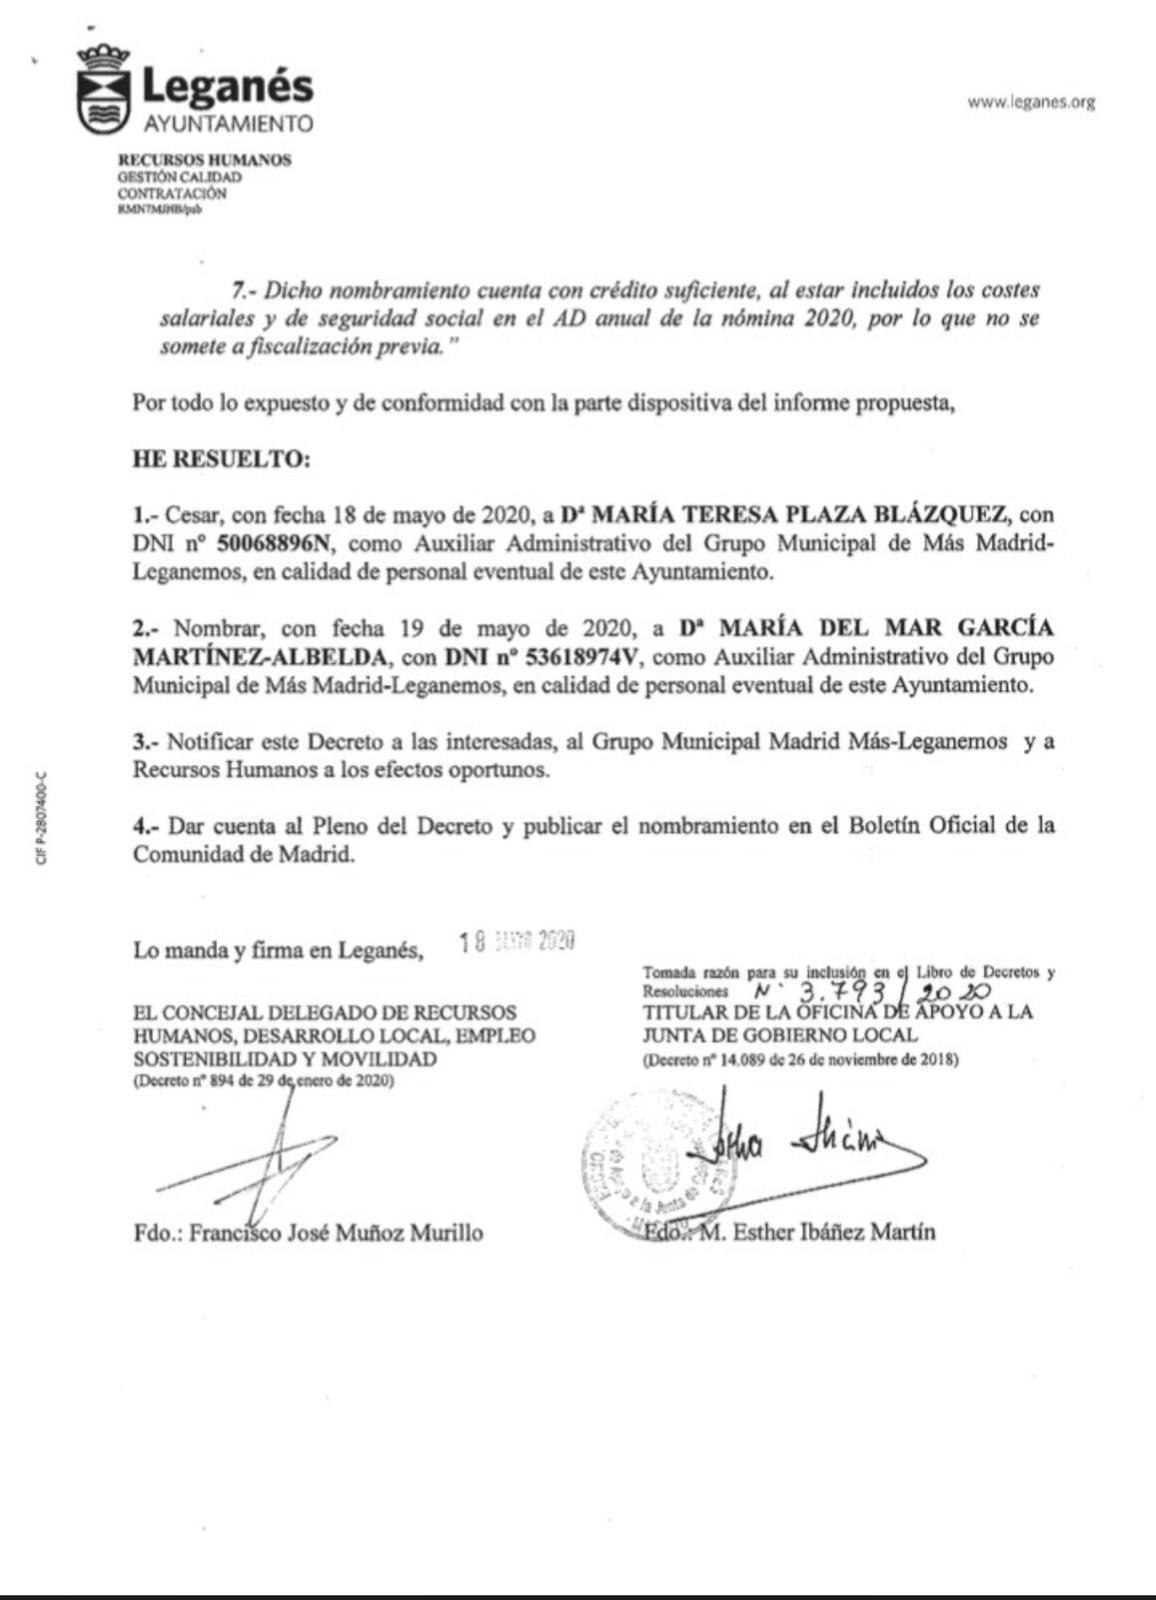 Perfil de Mar García en el Ayuntamiento de Leganés.